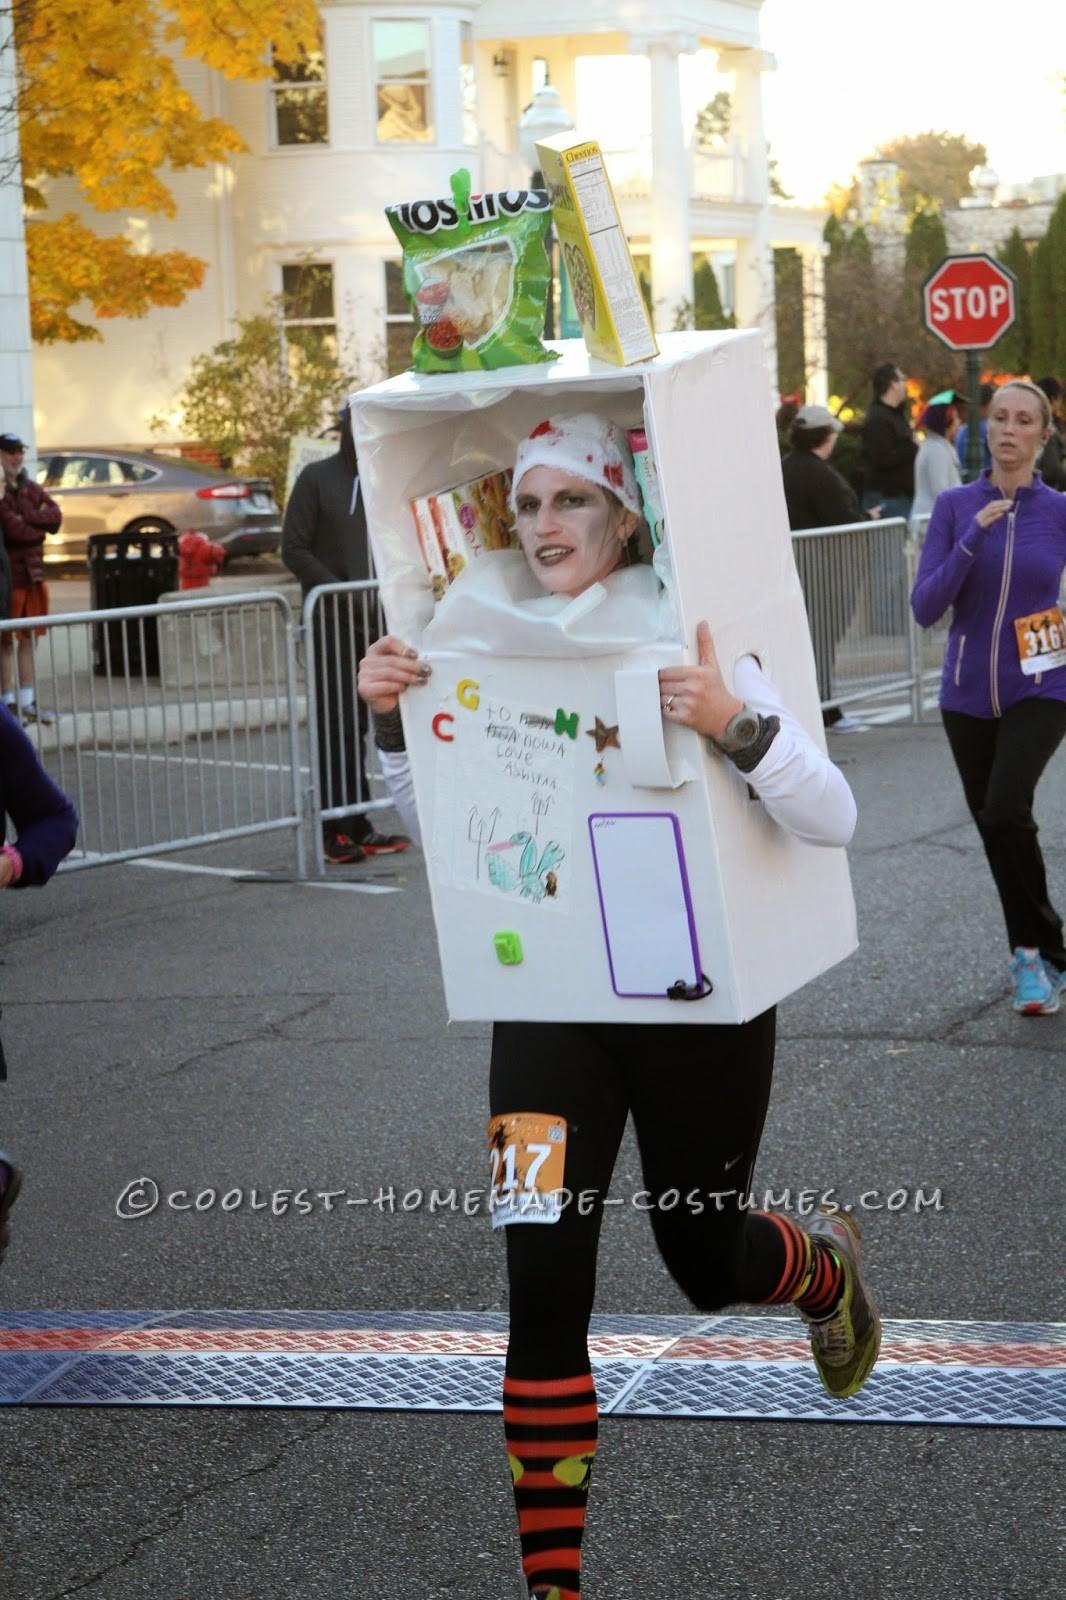 Homemade Head in the Freezer (Running Fridge!) Costume